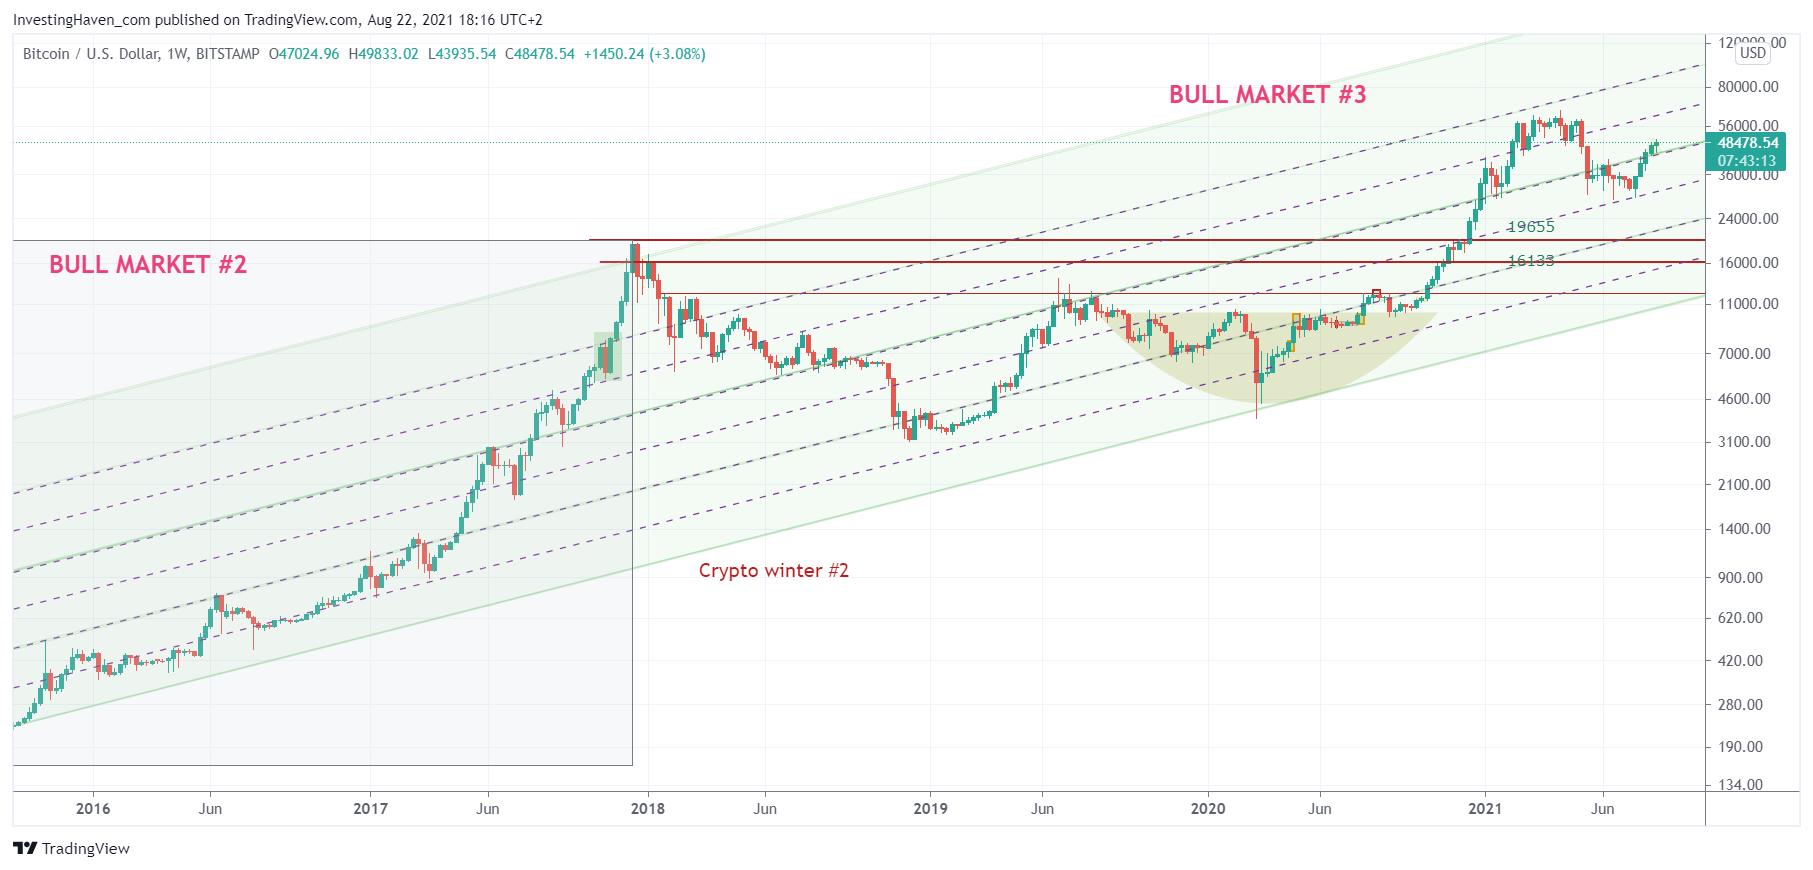 btc price long term